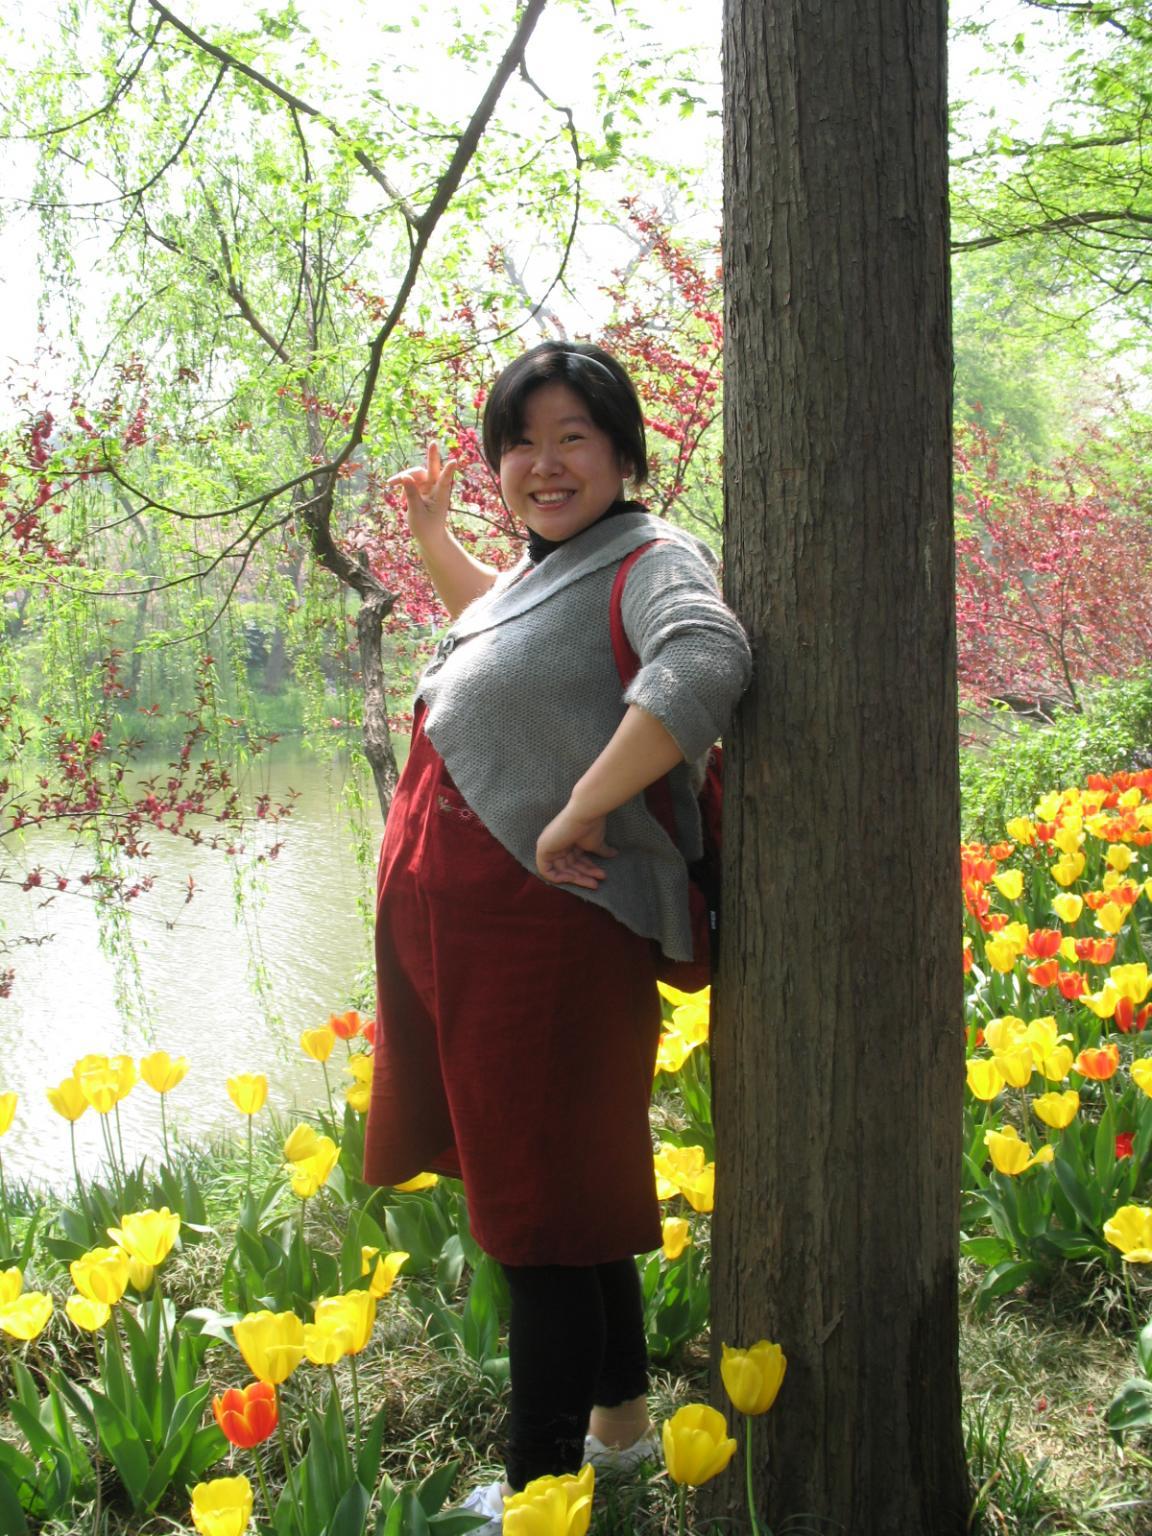 欧美大肚婆图片_欧美老肥骚 - www.chudaowang.com